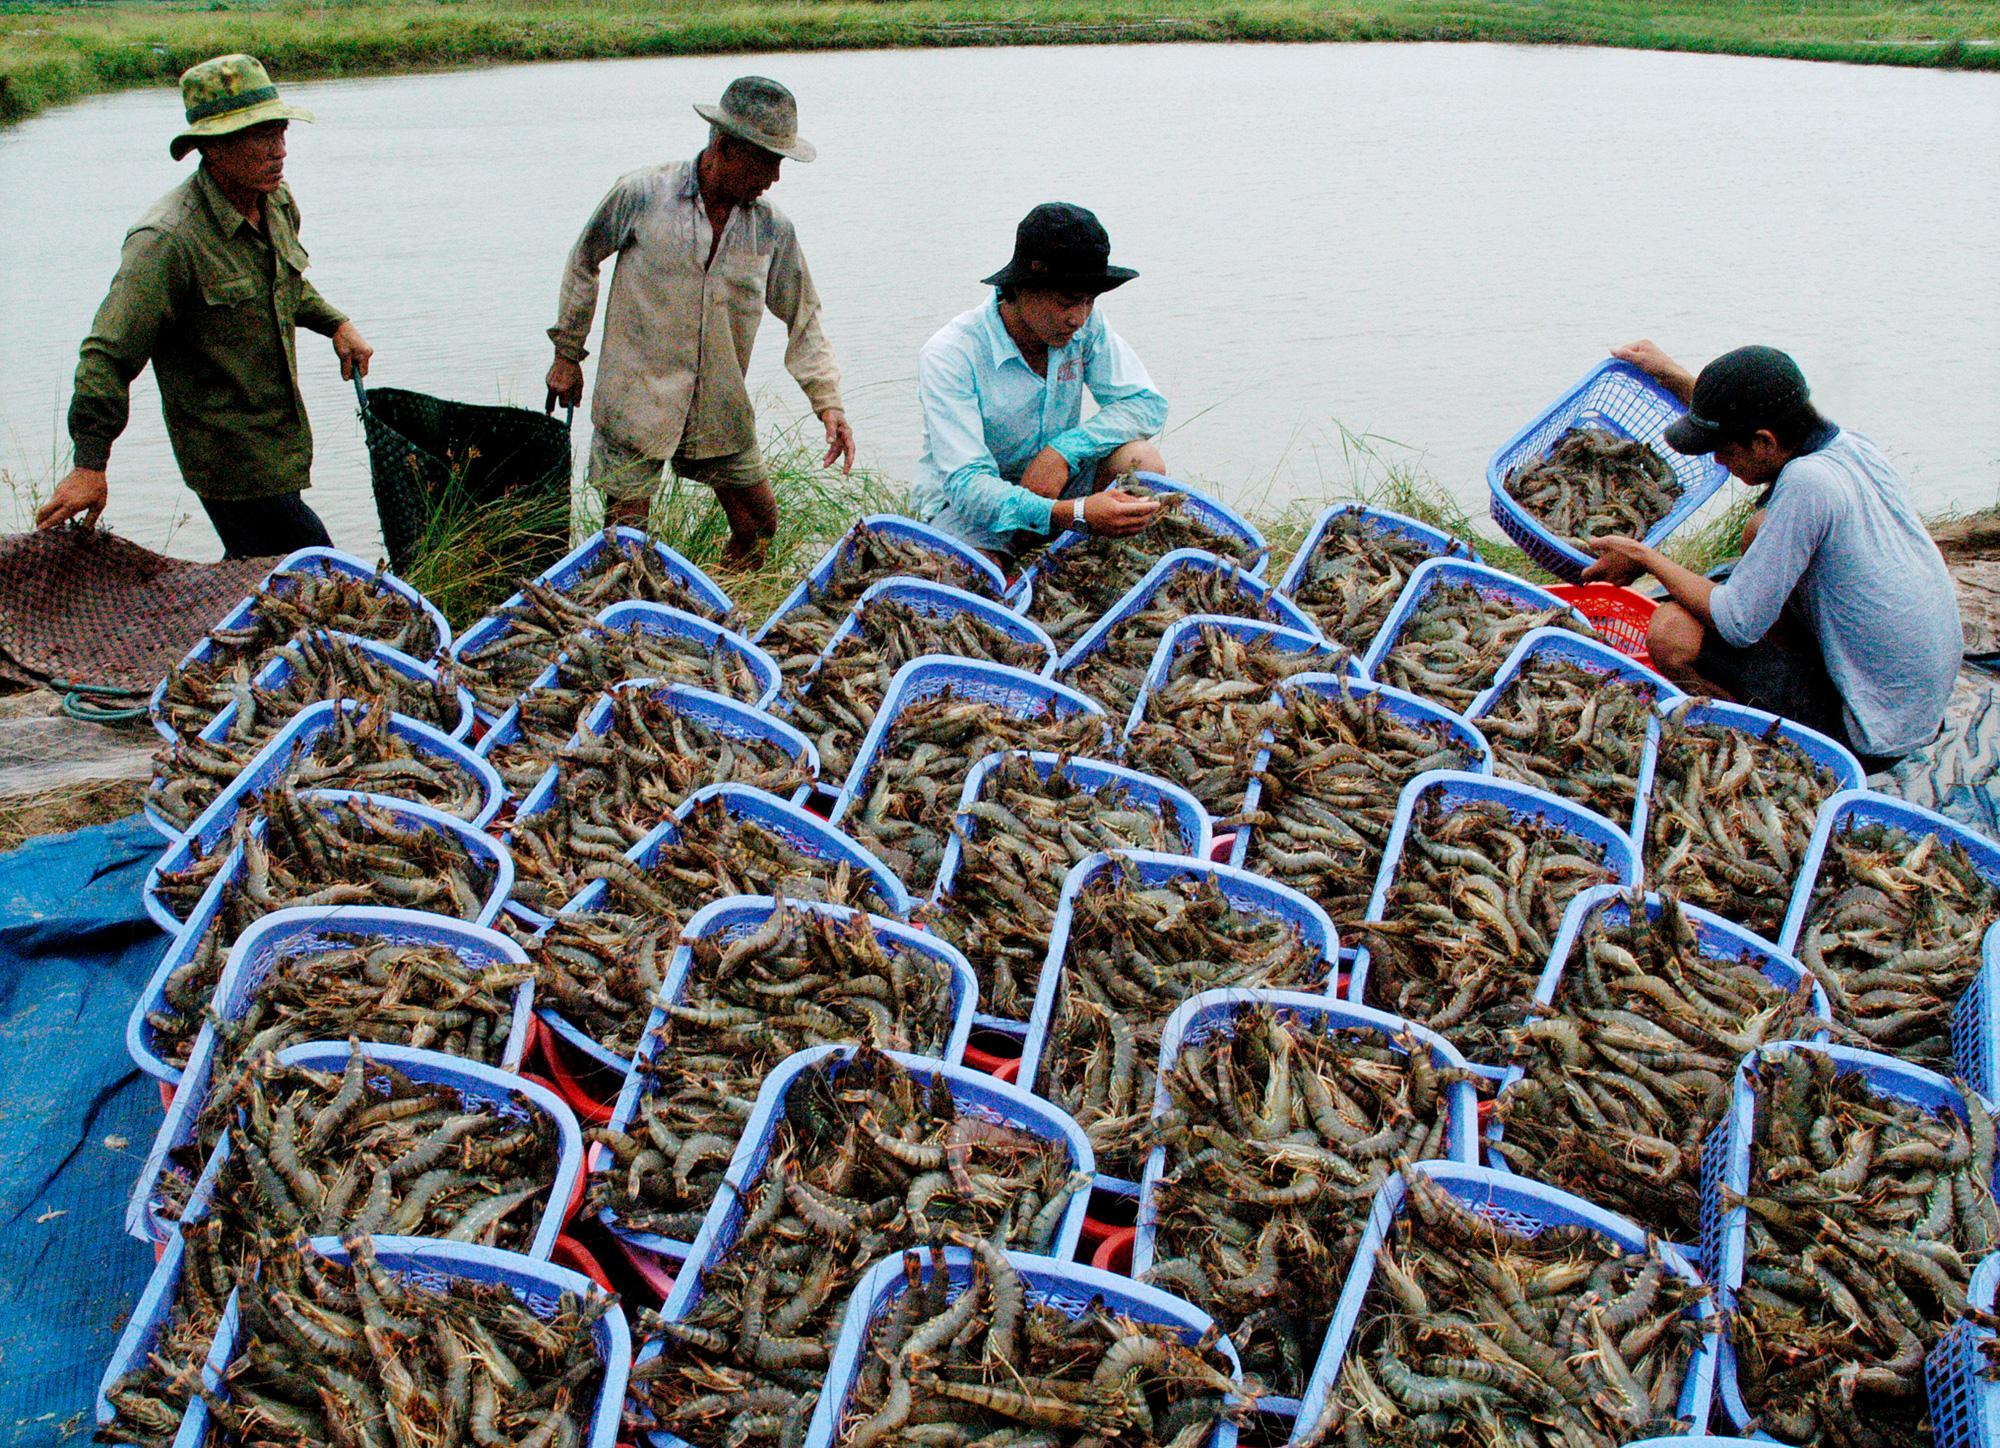 Mỹ, Nhật Bản mua lượng khổng lồ, loại nông sản này của Việt Nam thu 4,12 tỷ USD, doanh nghiệp vẫn than khó - Ảnh 1.